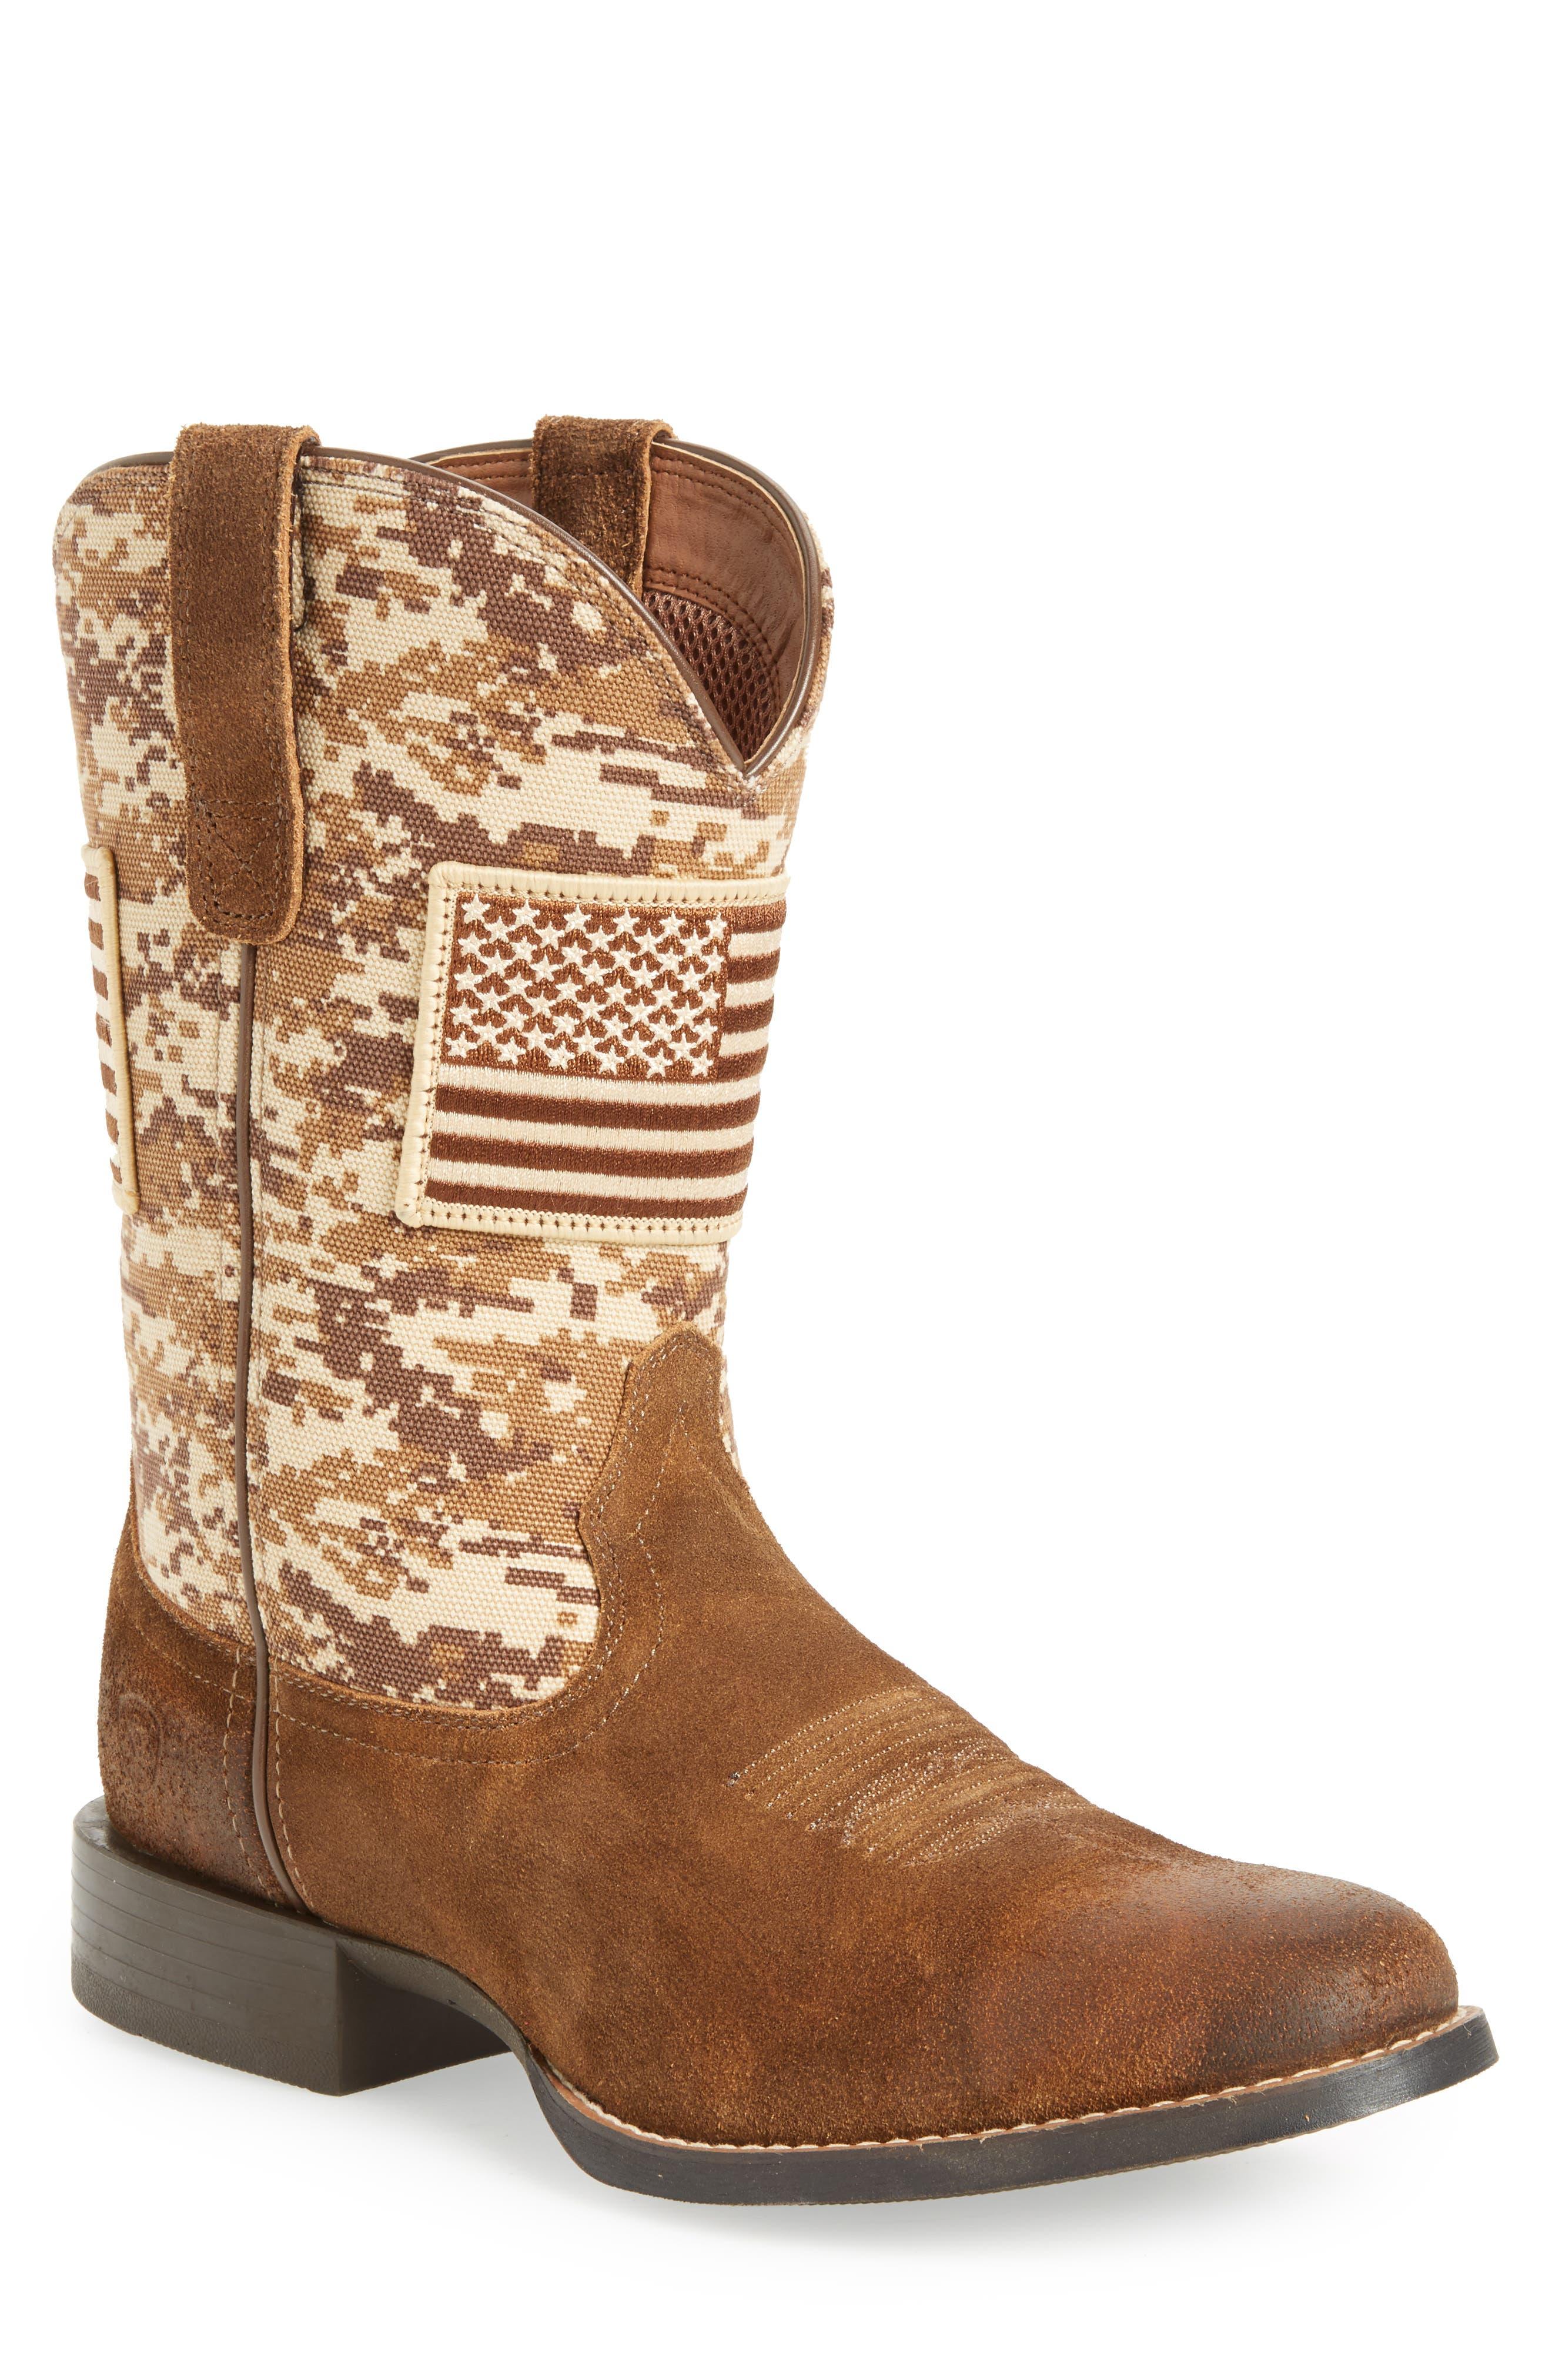 Sport Patriot Cowboy Boot,                         Main,                         color, ANTIQUE MOCHA/ SAND LEATHER